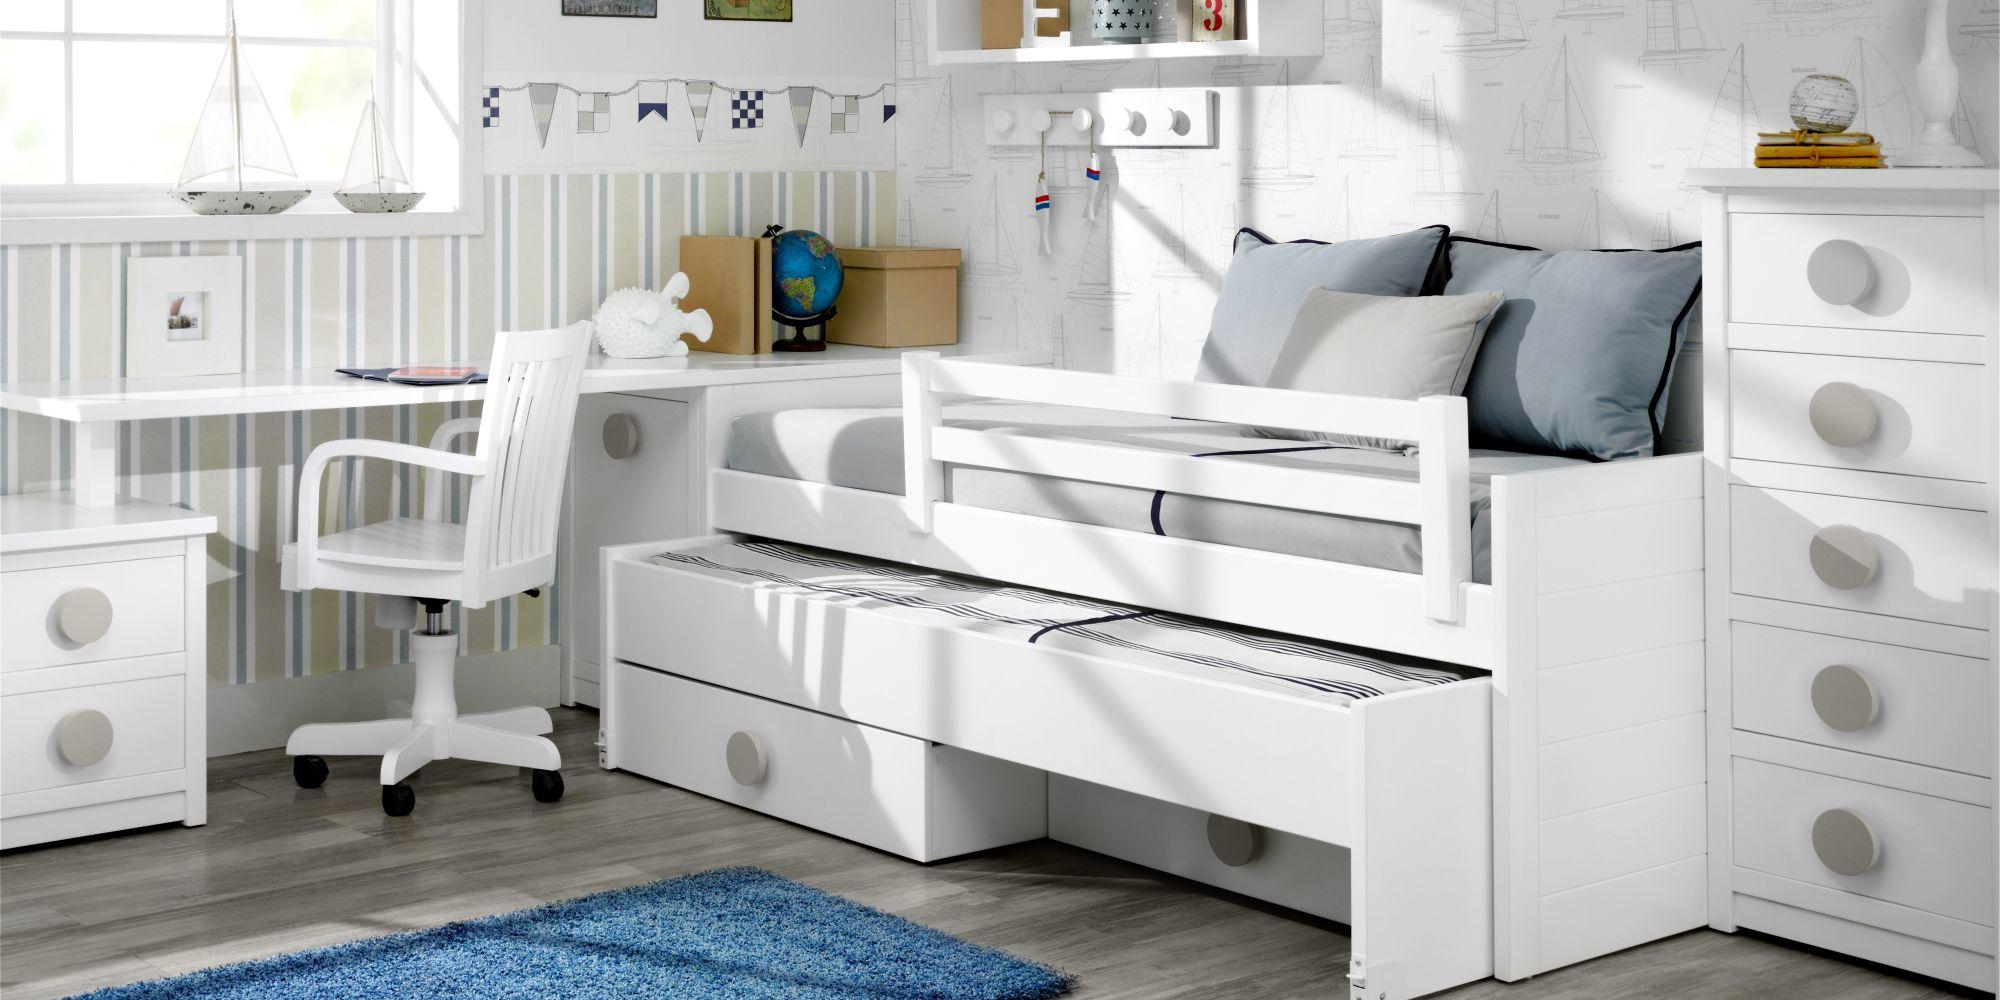 Minicompacto con cama supletoria fácil de extraer